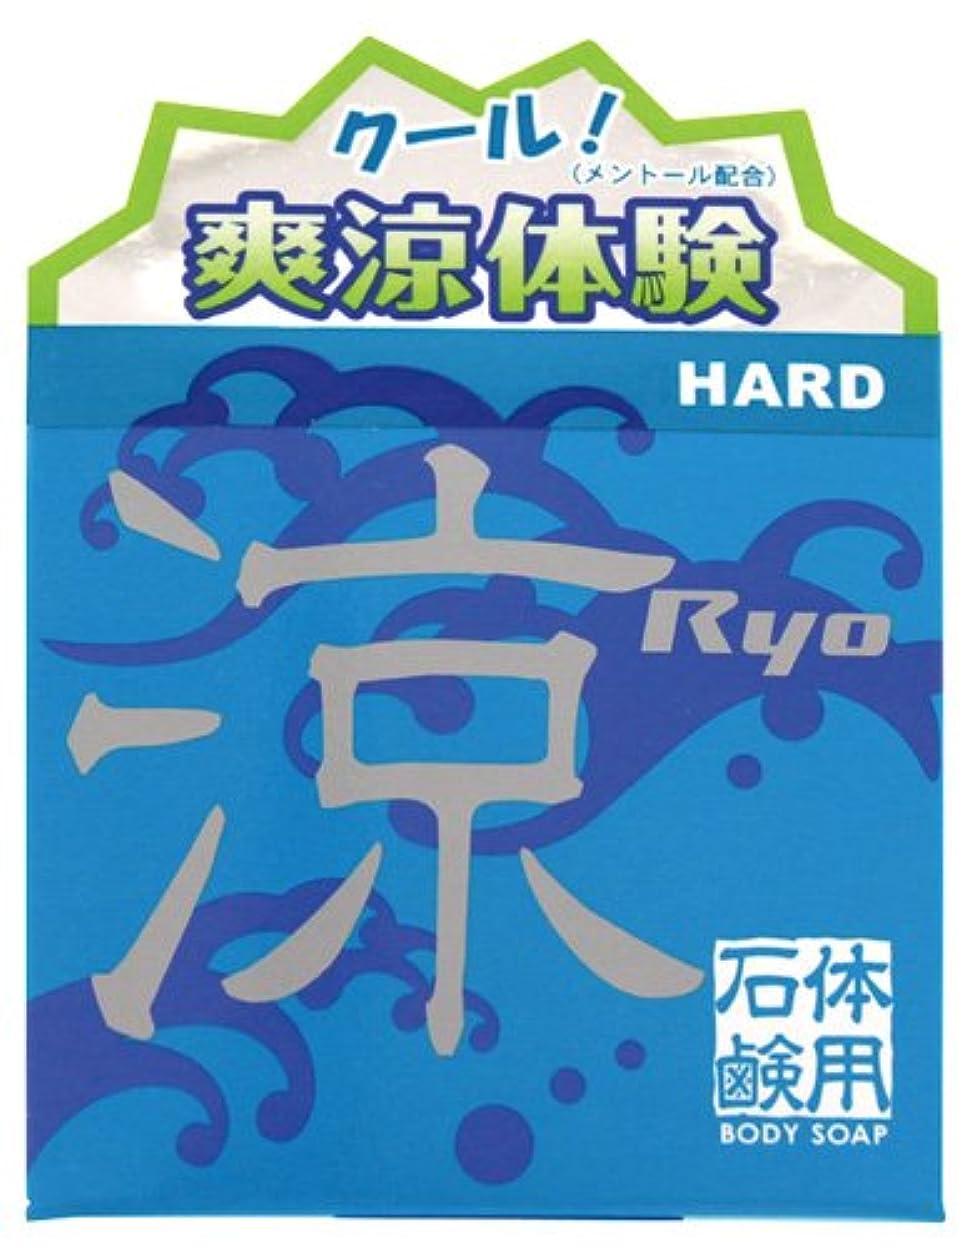 記録エゴイズムベース涼ハード石鹸 100g